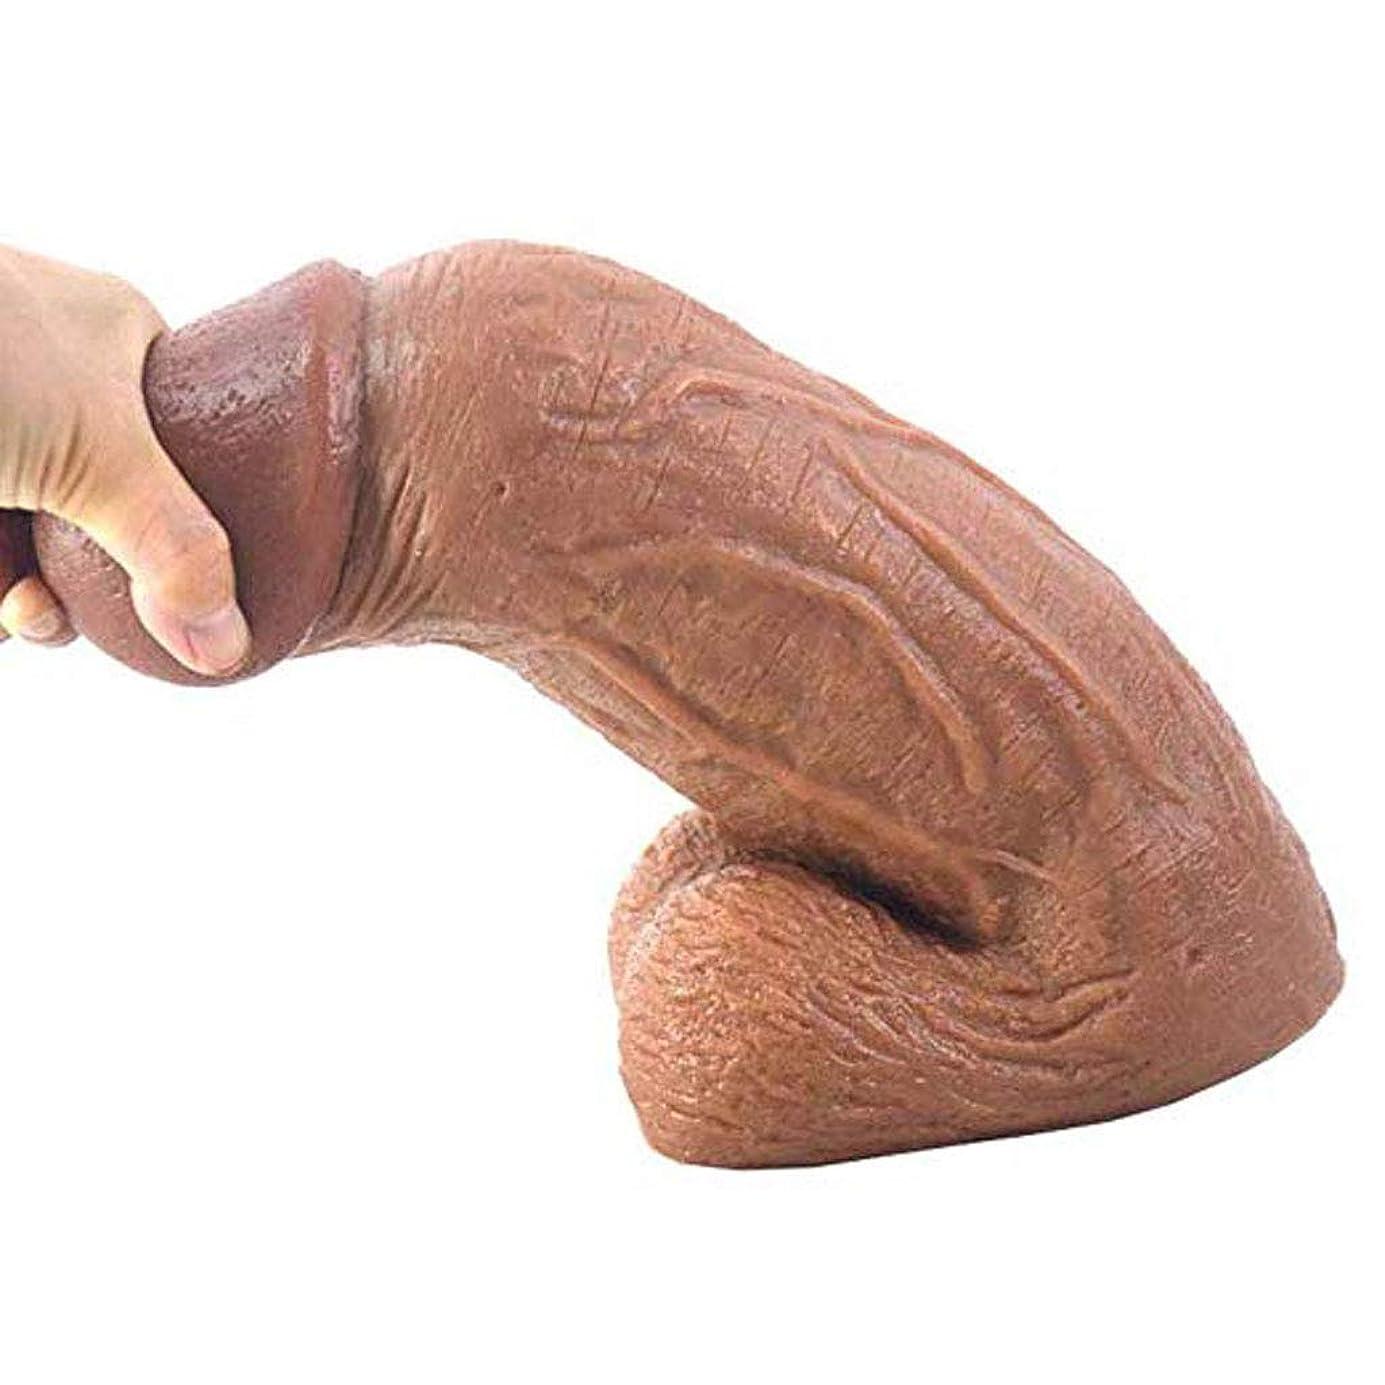 パン実用的精巧なYI-LIGHT 女性用マッサージャー褐色の巨大でリアルなマッサージャー(11